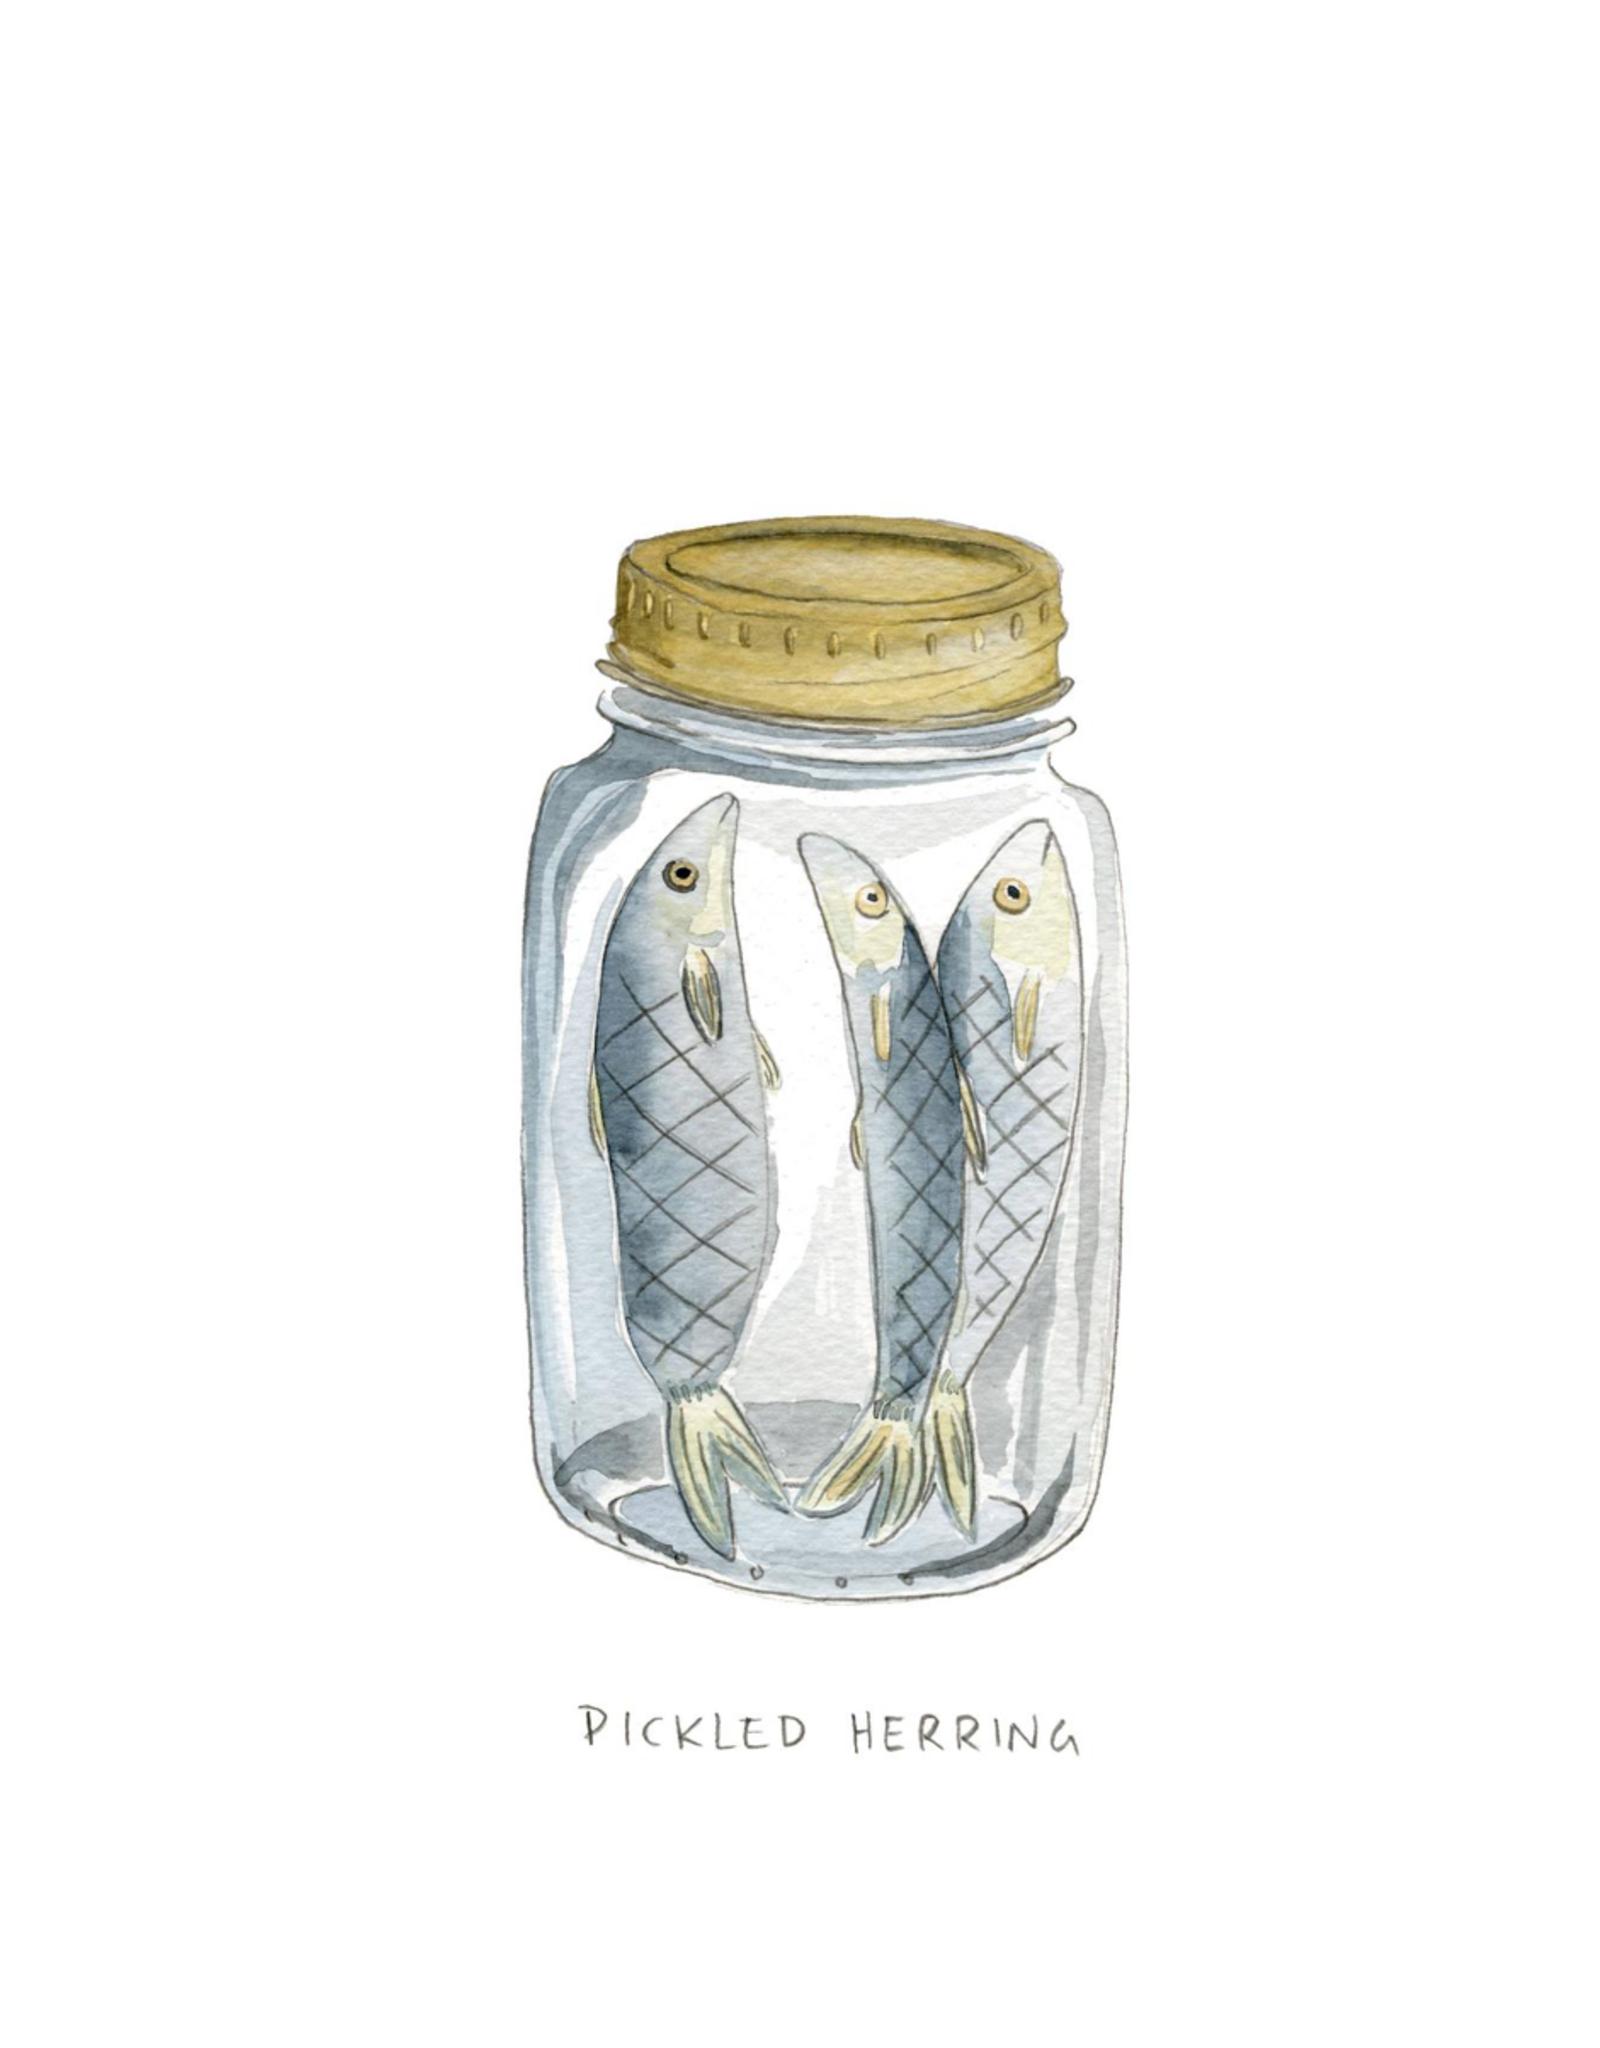 Kat Frick Miller - Card/Pickled Herring